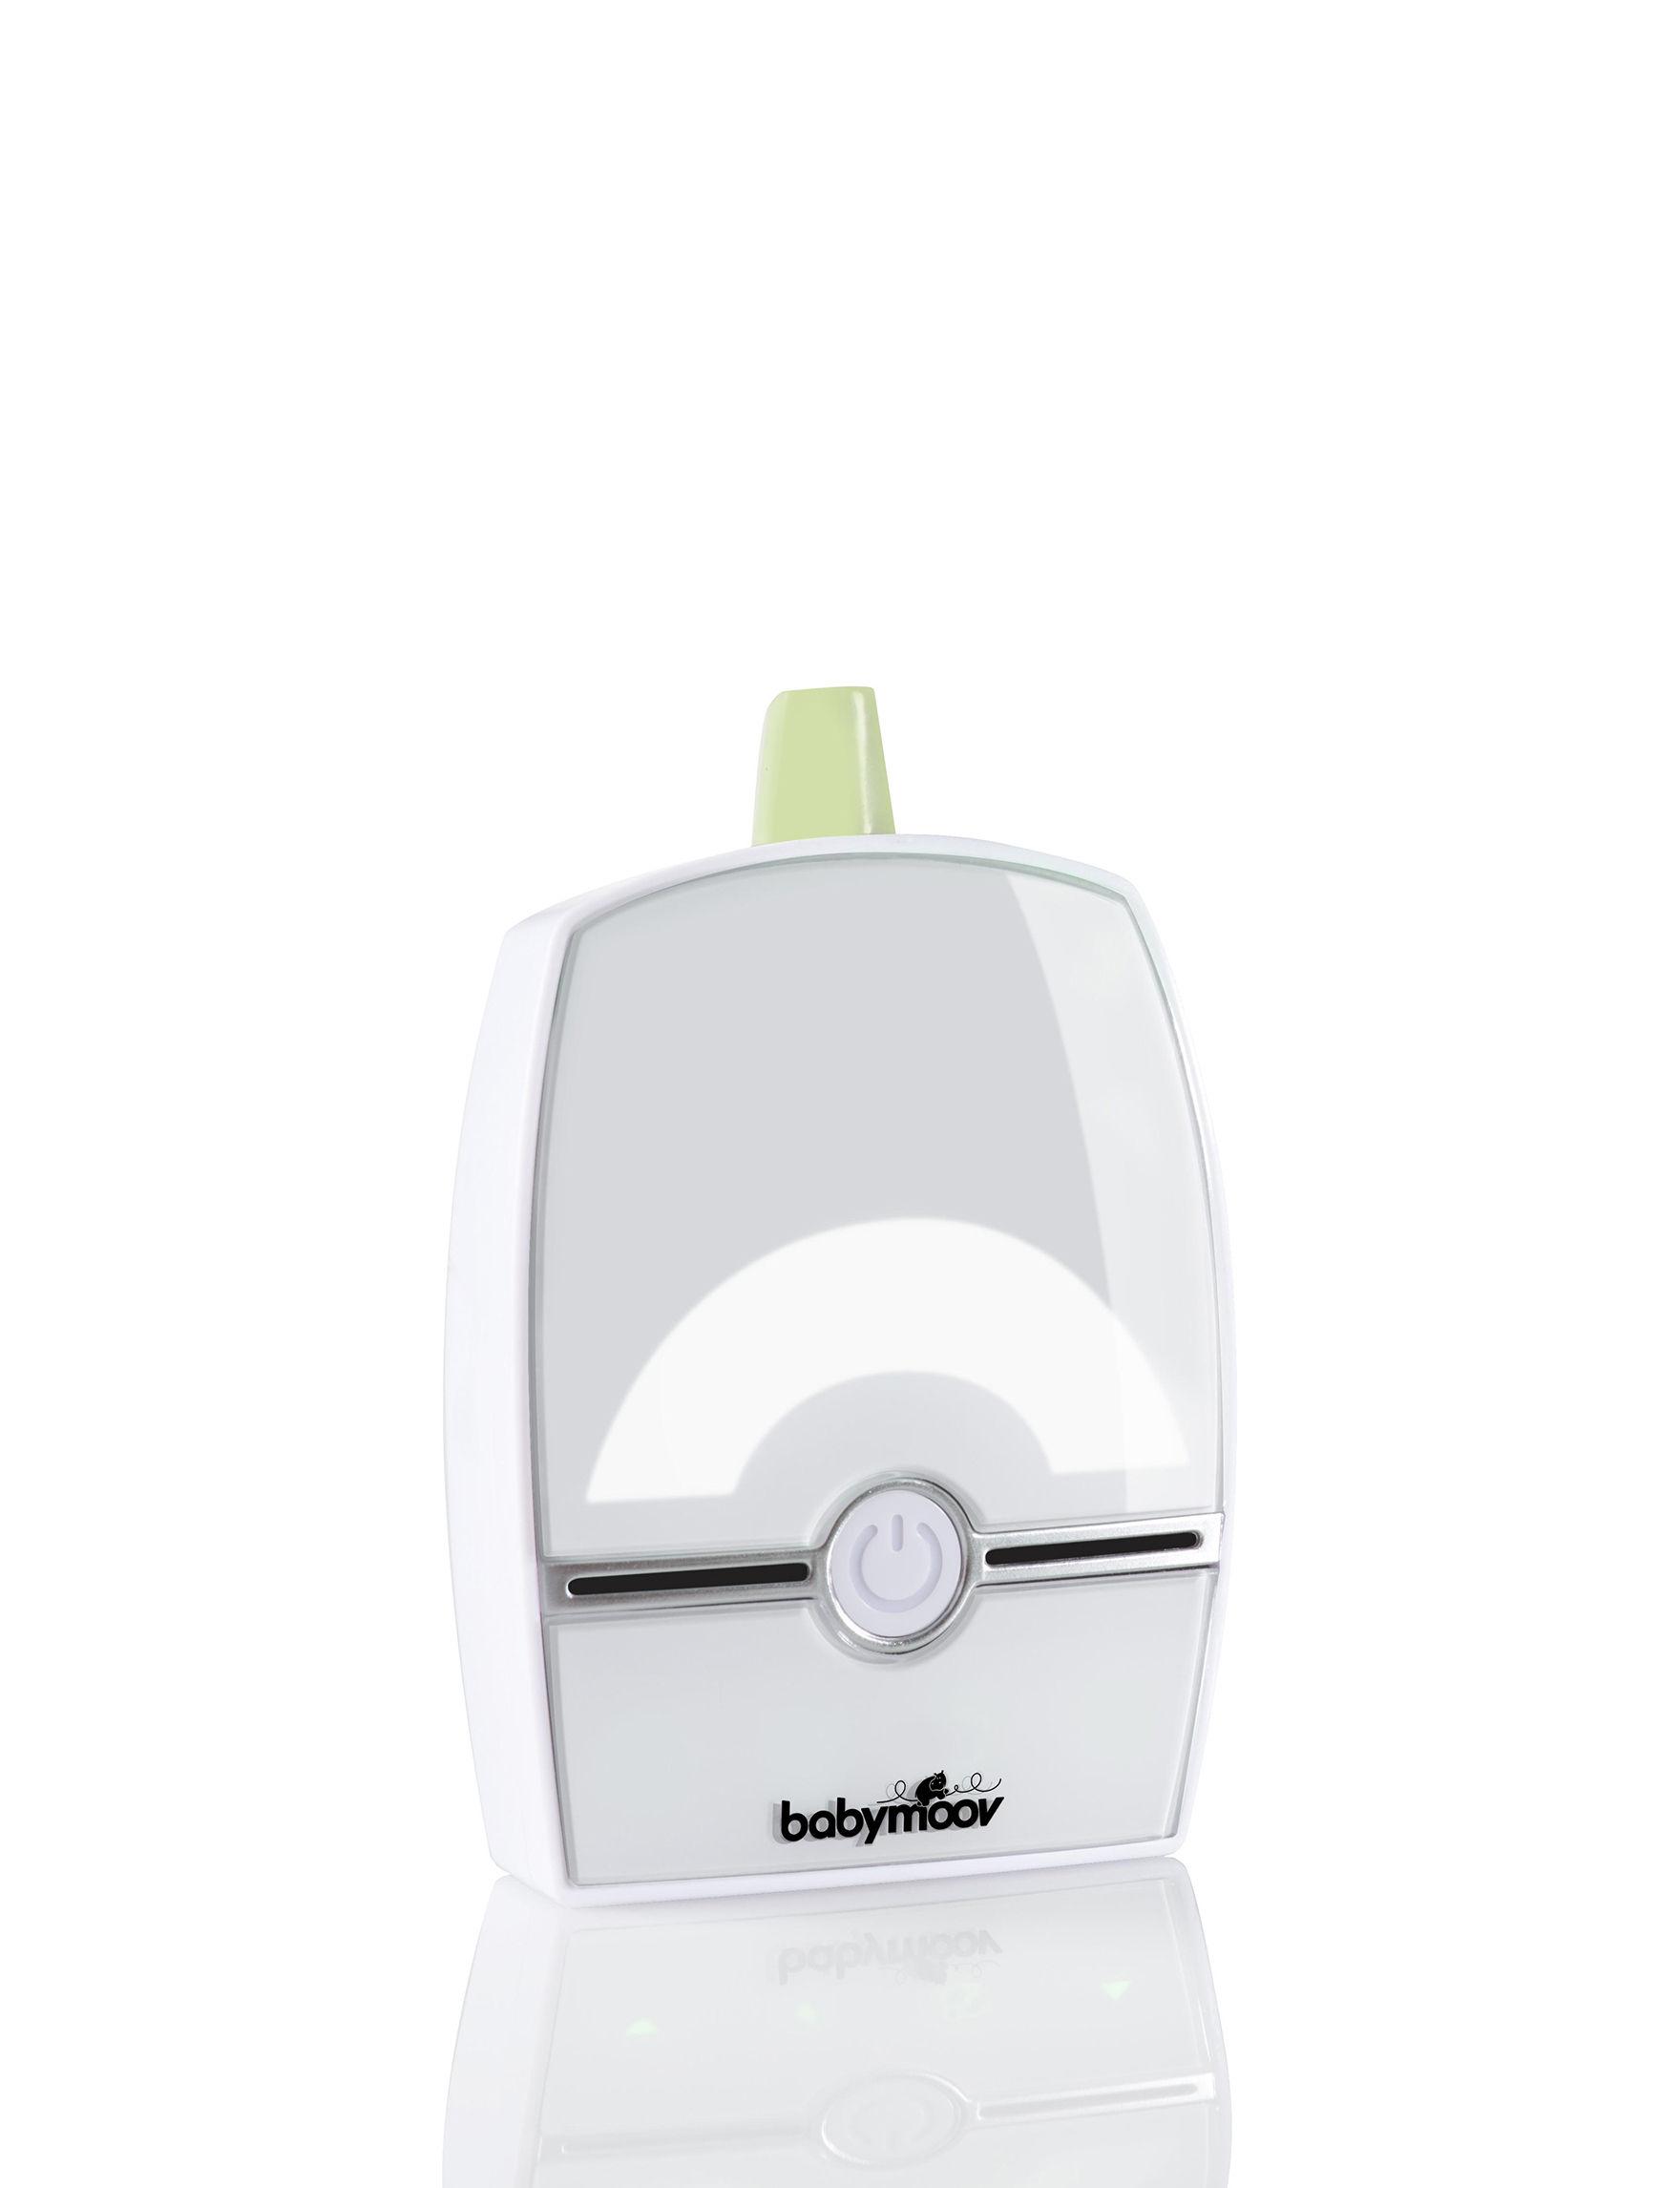 Babymoov White Baby Monitors